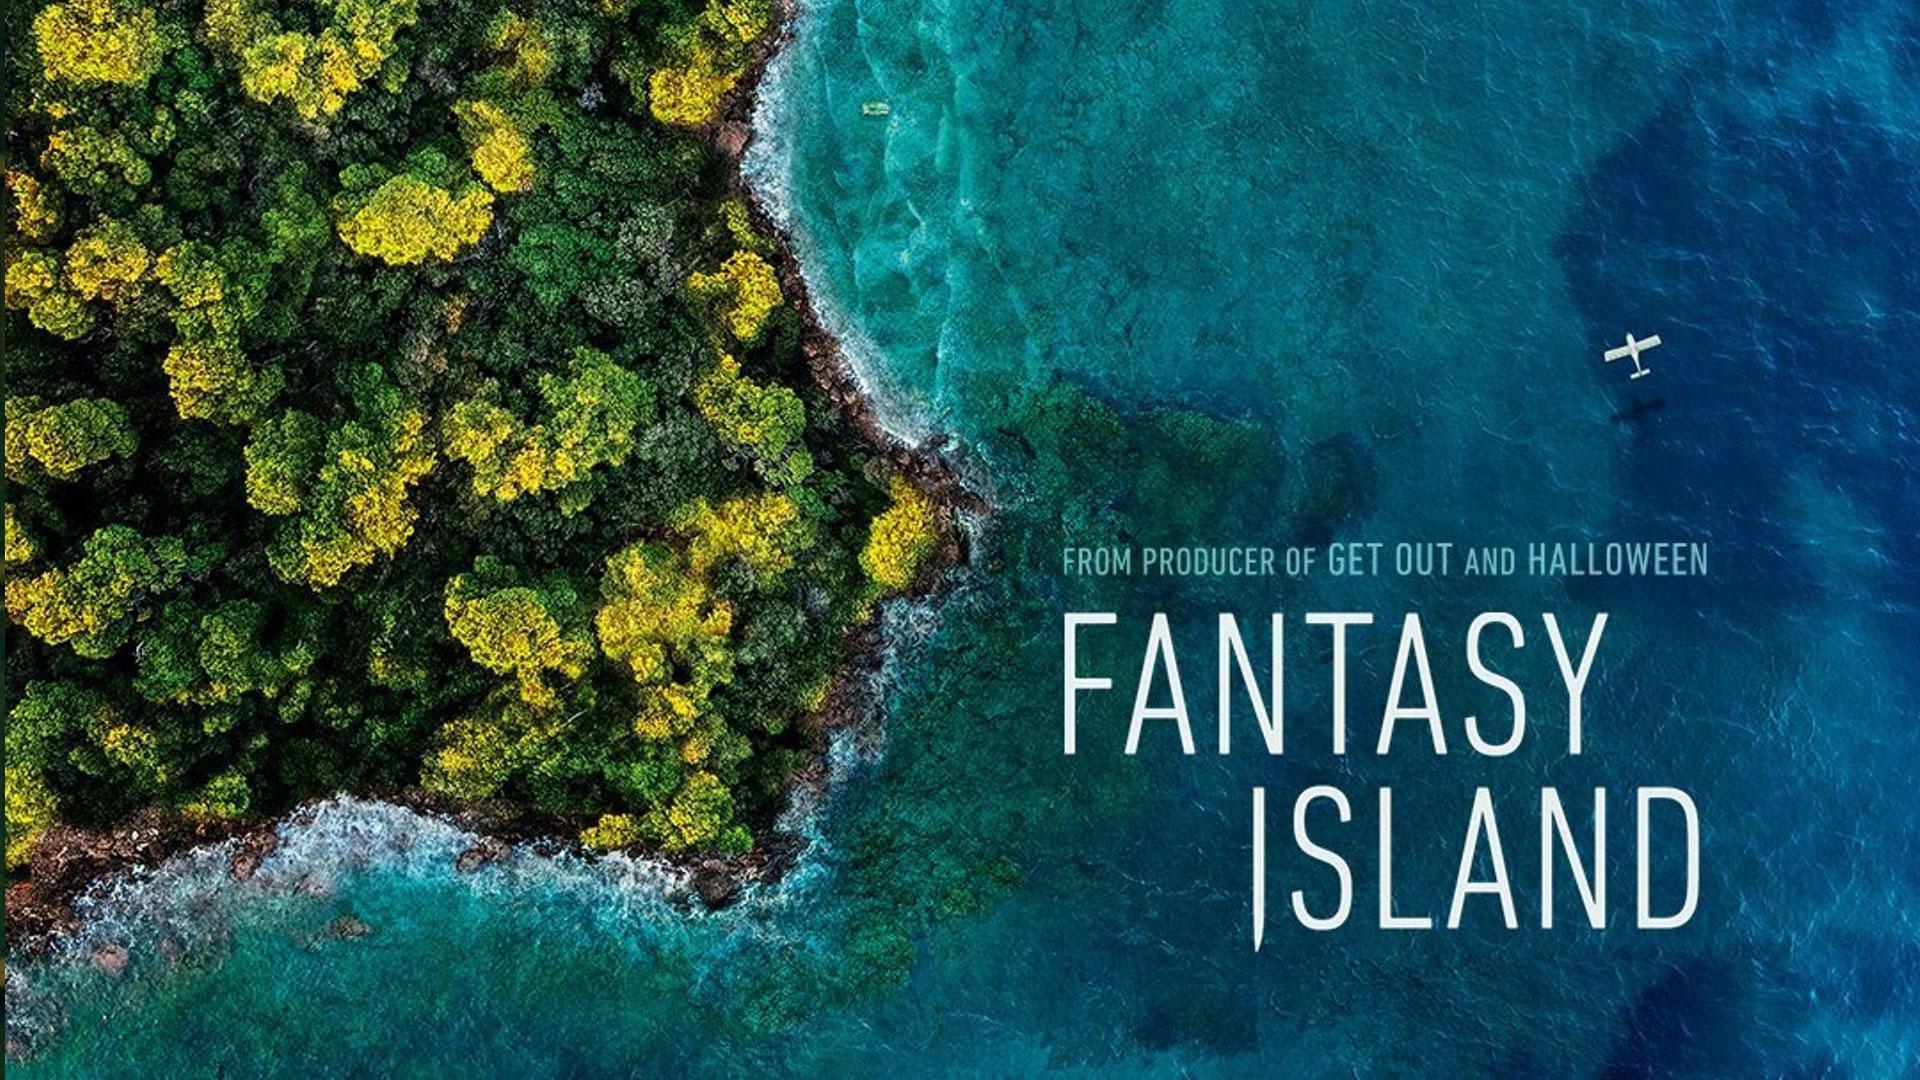 دانلود فیلم جزیره فانتزی با دوبله فارسی Fantasy Island 2020 BluRay